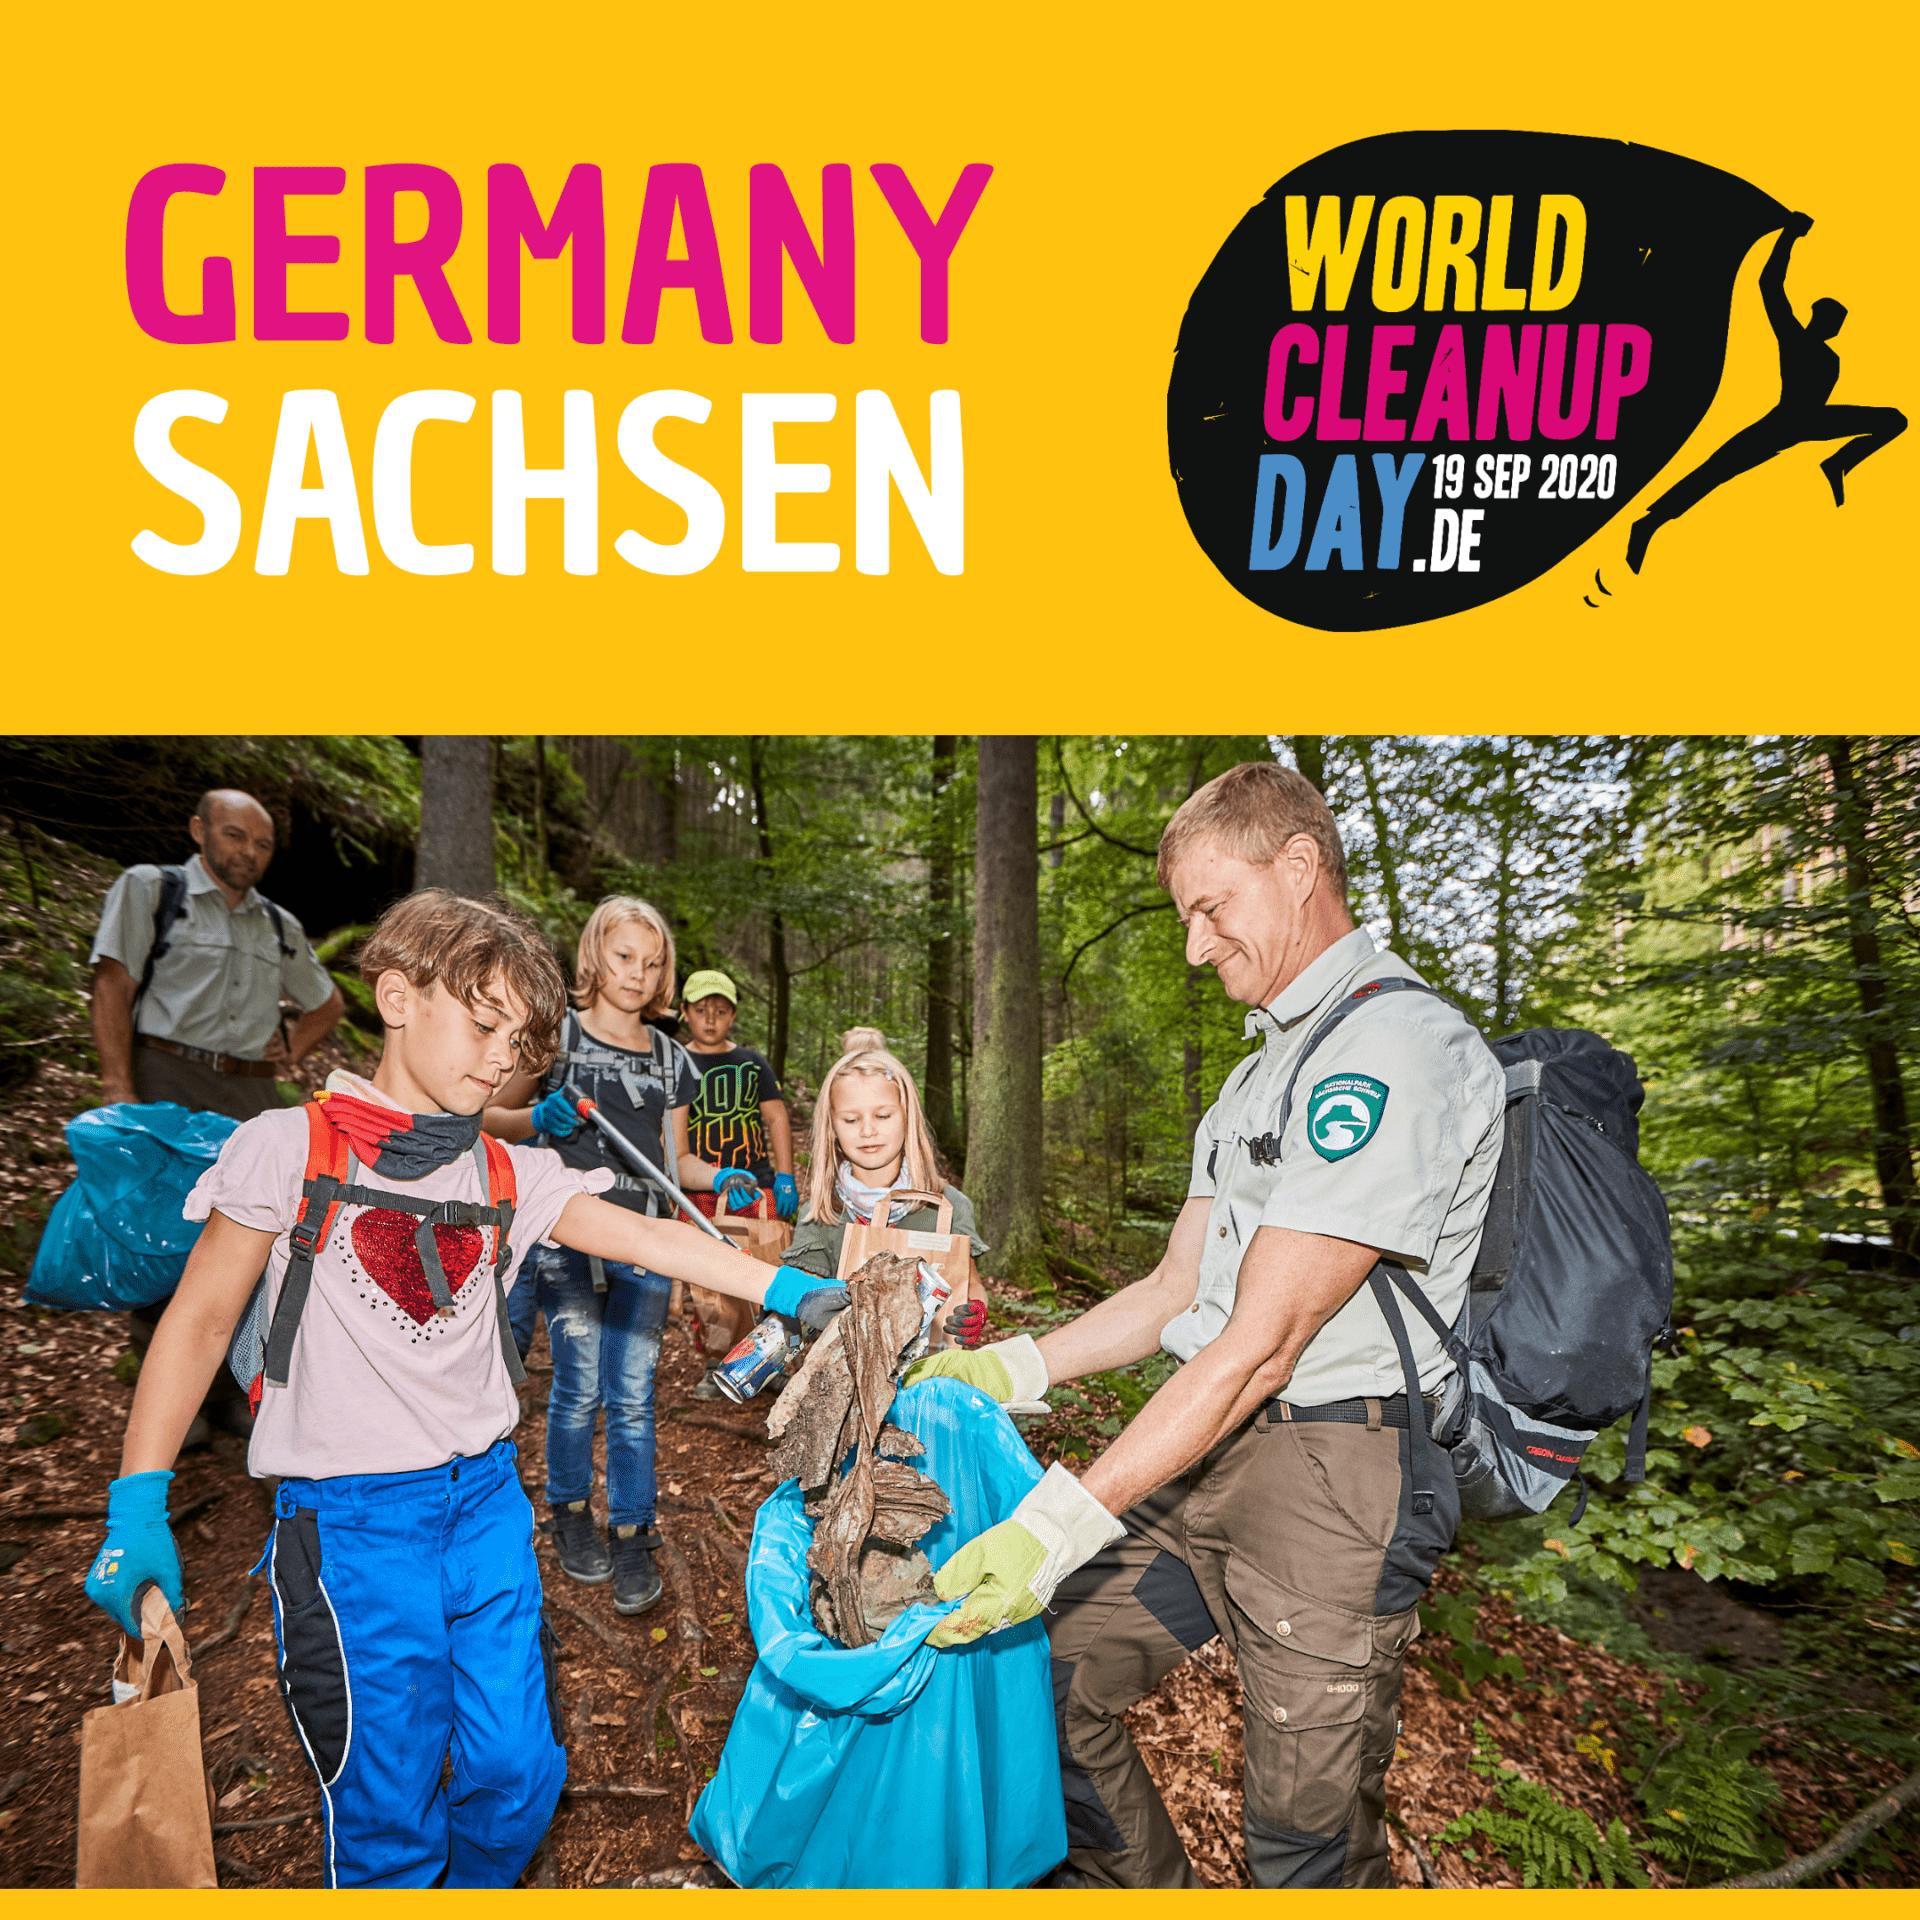 Clean Up by Decathlon Chemnitz (Sachsen)